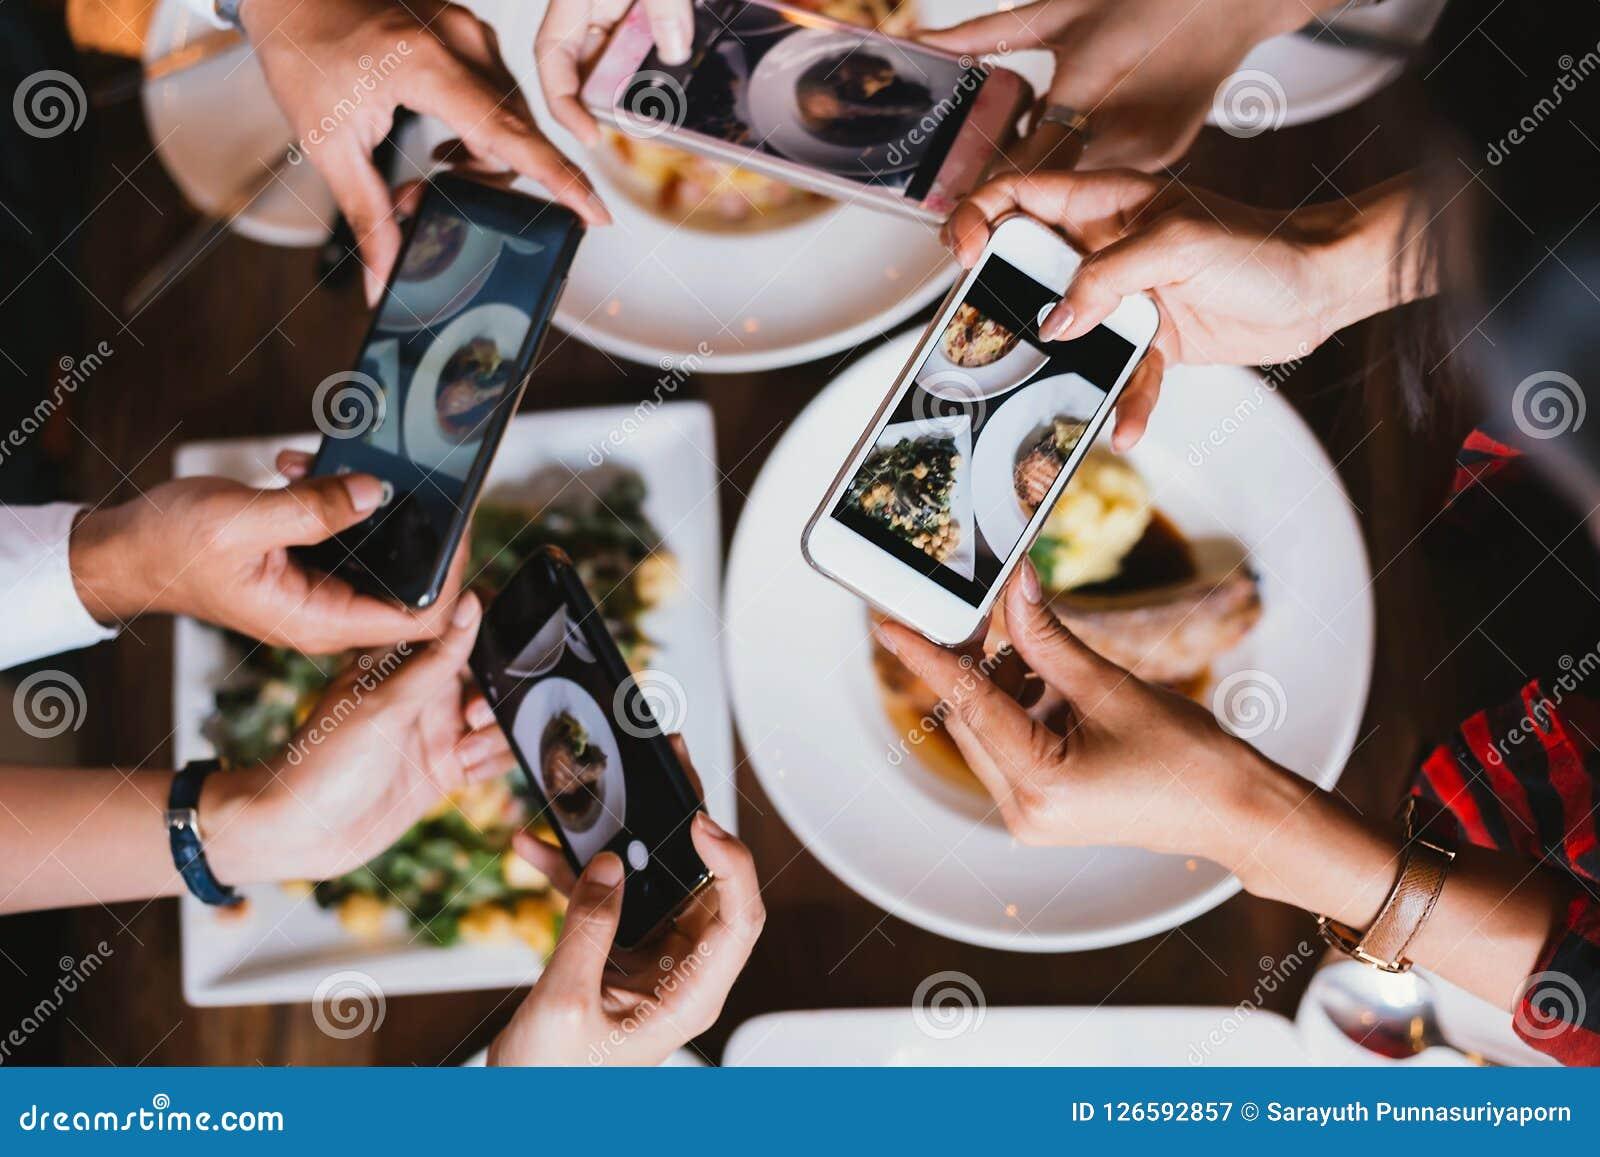 Grupp av vänner som ut går och tar ett foto av italiensk mat samman med mobiltelefonen